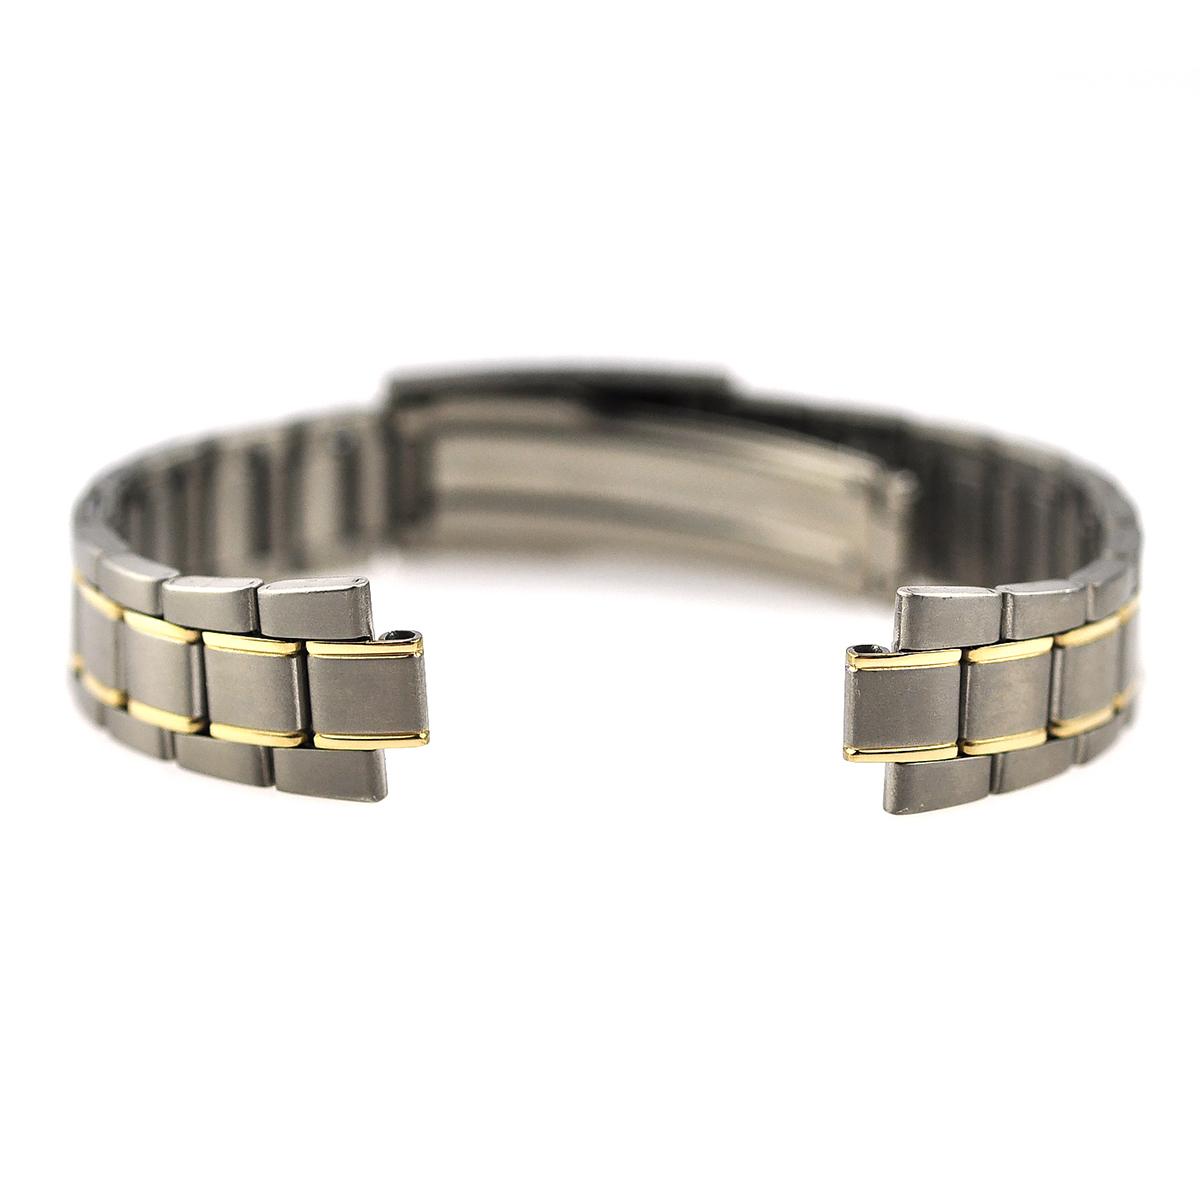 腕時計ベルト 腕時計バンド 替えストラップ 社外品 汎用チタンベルト 取付幅14mm(7mm) (尾錠)Dバックル付き [ Eight - ETB019 ]